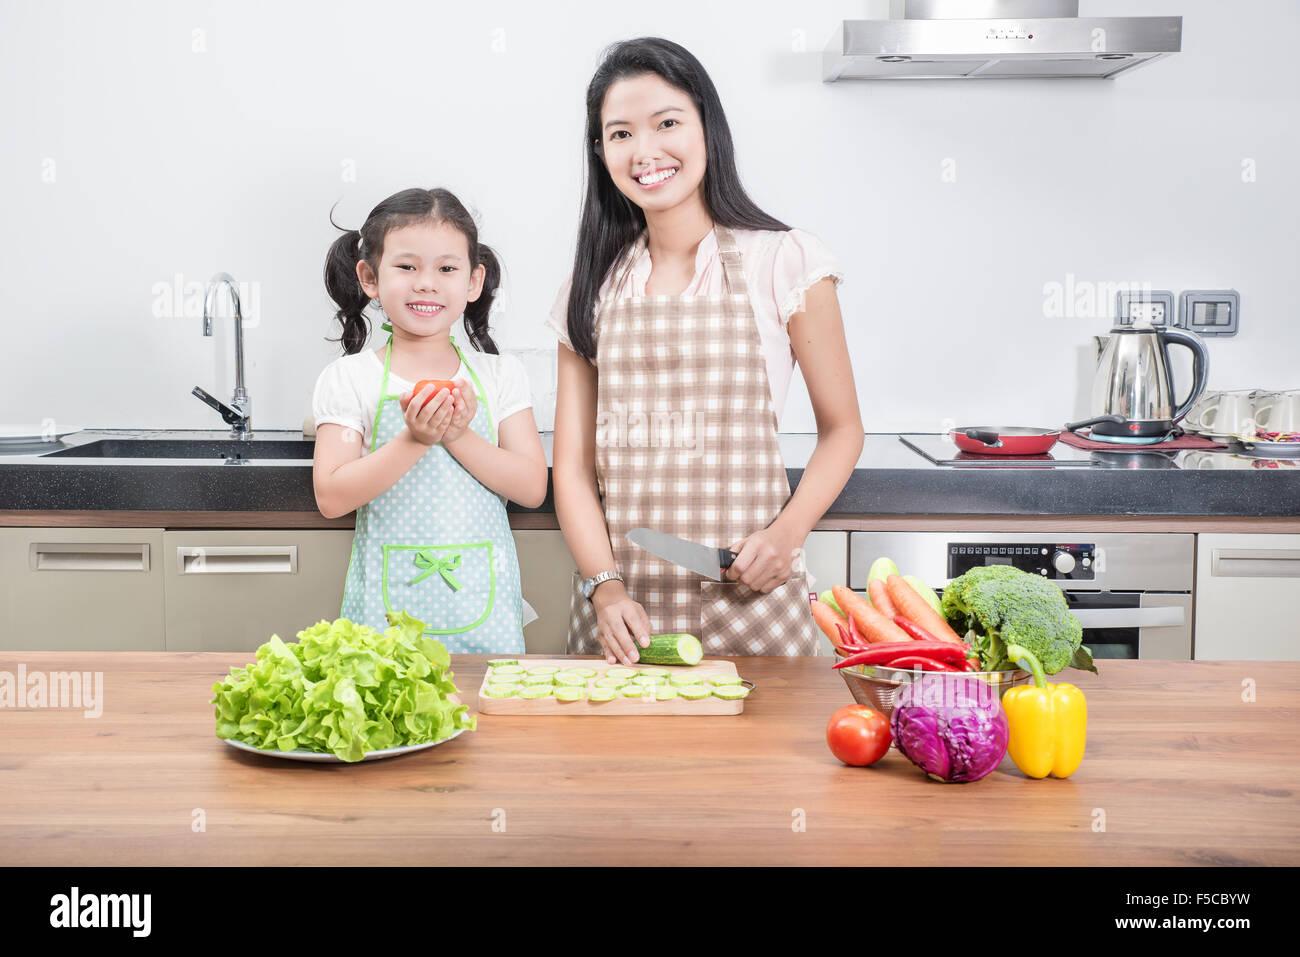 La familia, la infancia y la gente feliz concepto asiático - Madre e hija kid cocinar en la cocina de casa Imagen De Stock